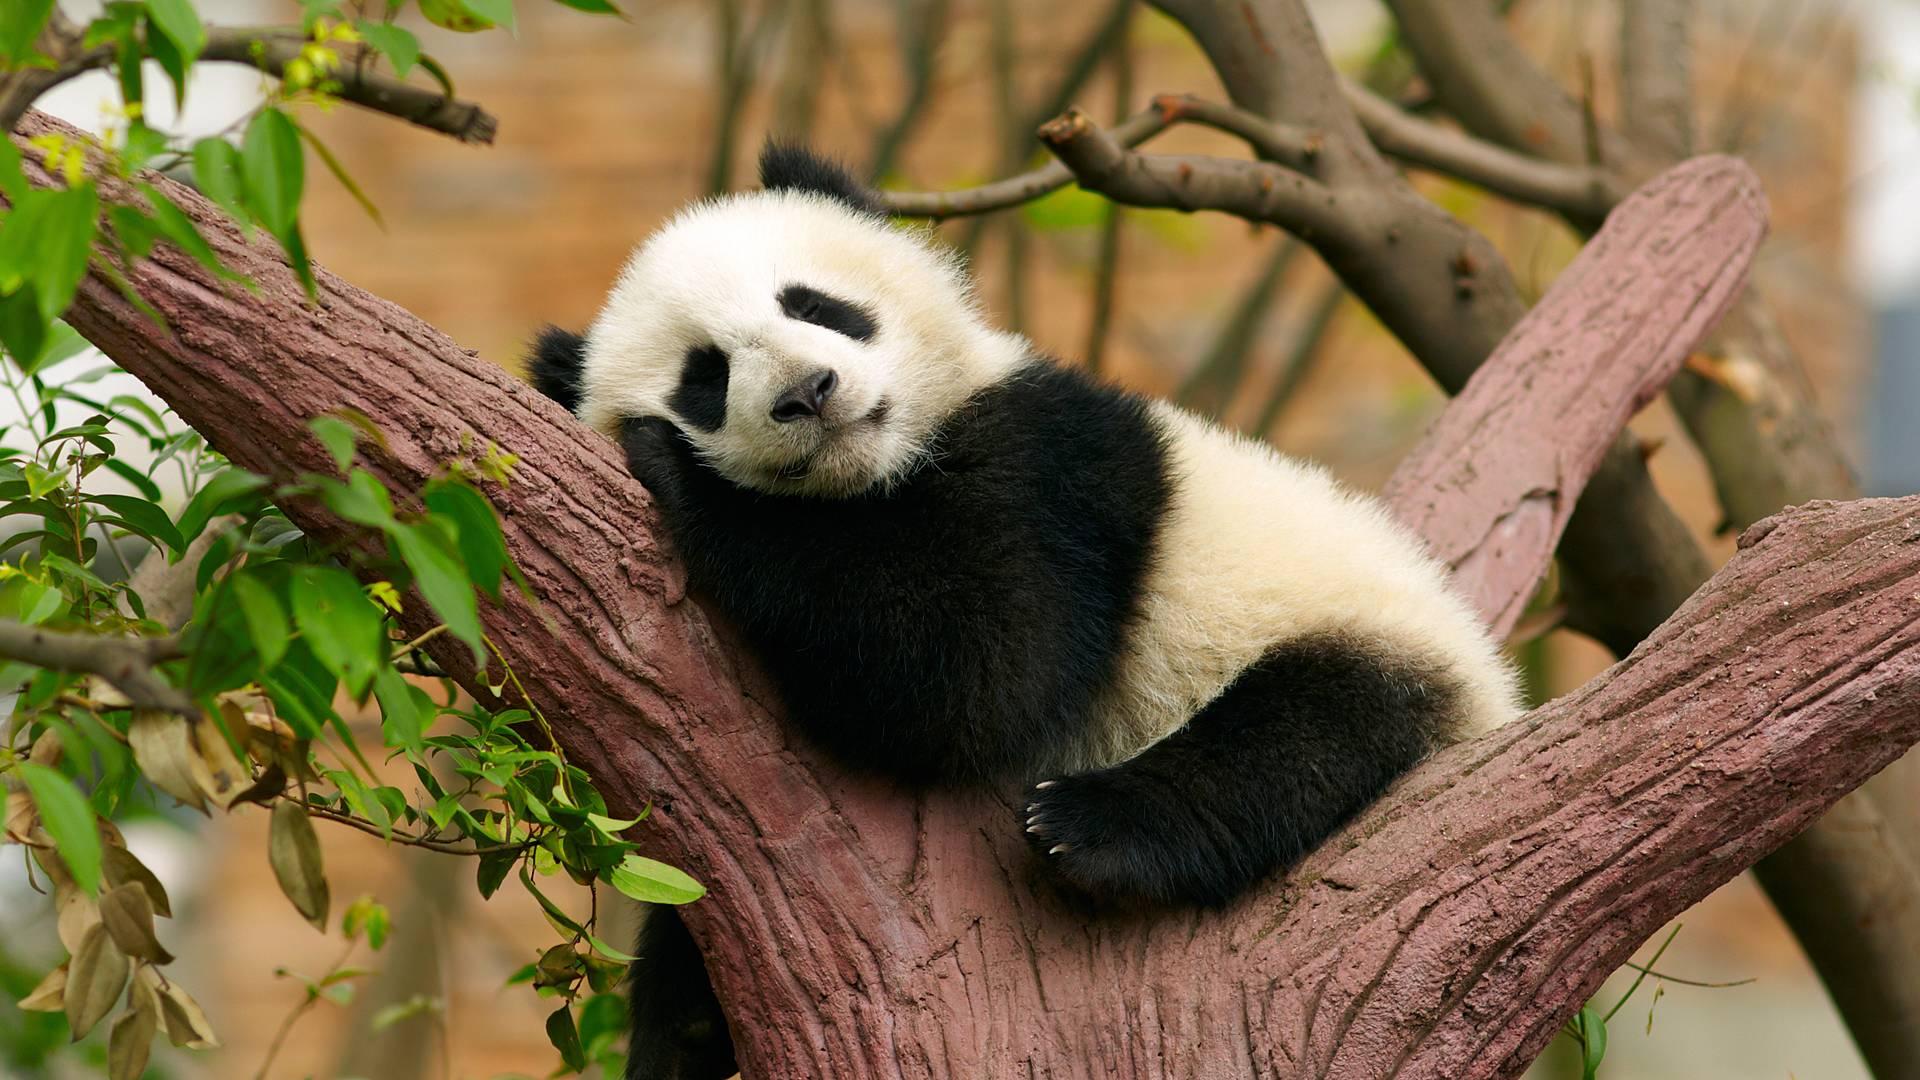 Expérience unique avec les pandas en famille